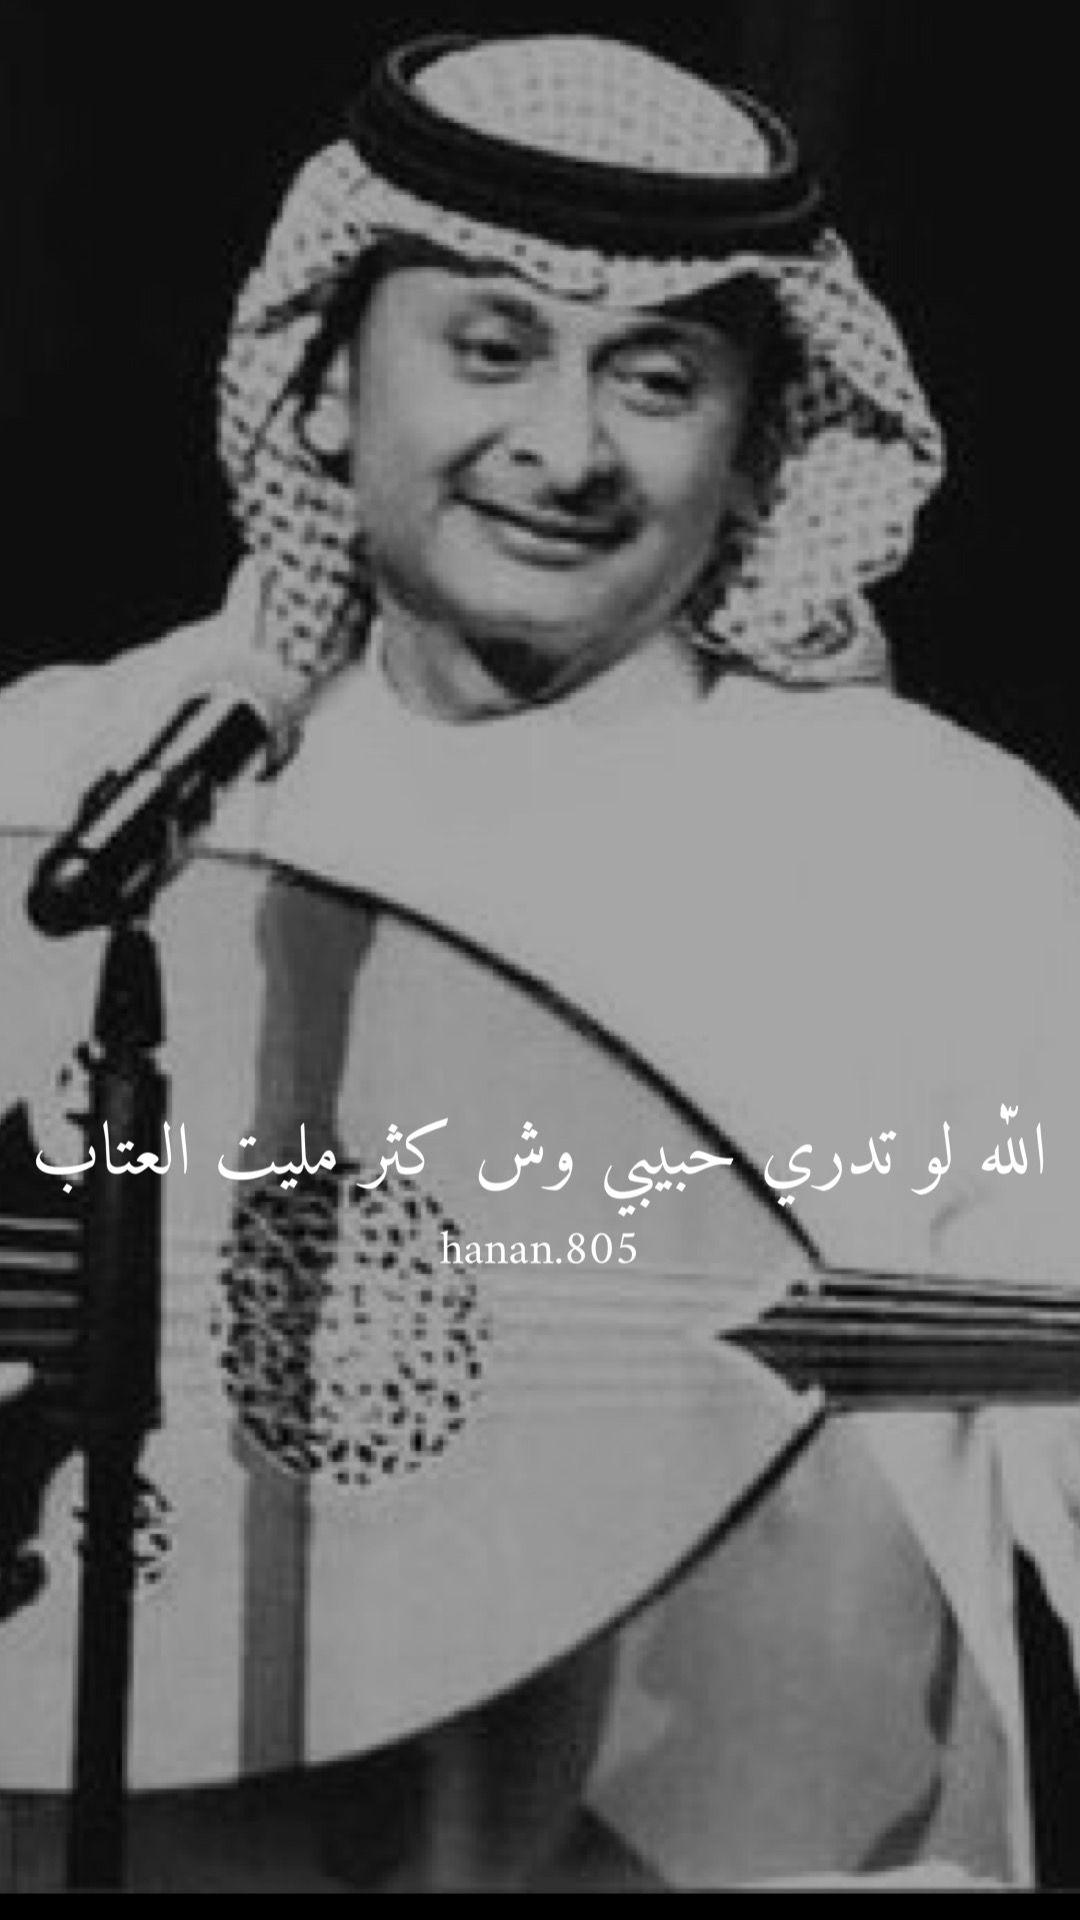 عبدالمجيد عبدالله Cover Photo Quotes Beautiful Arabic Words Photo Quotes